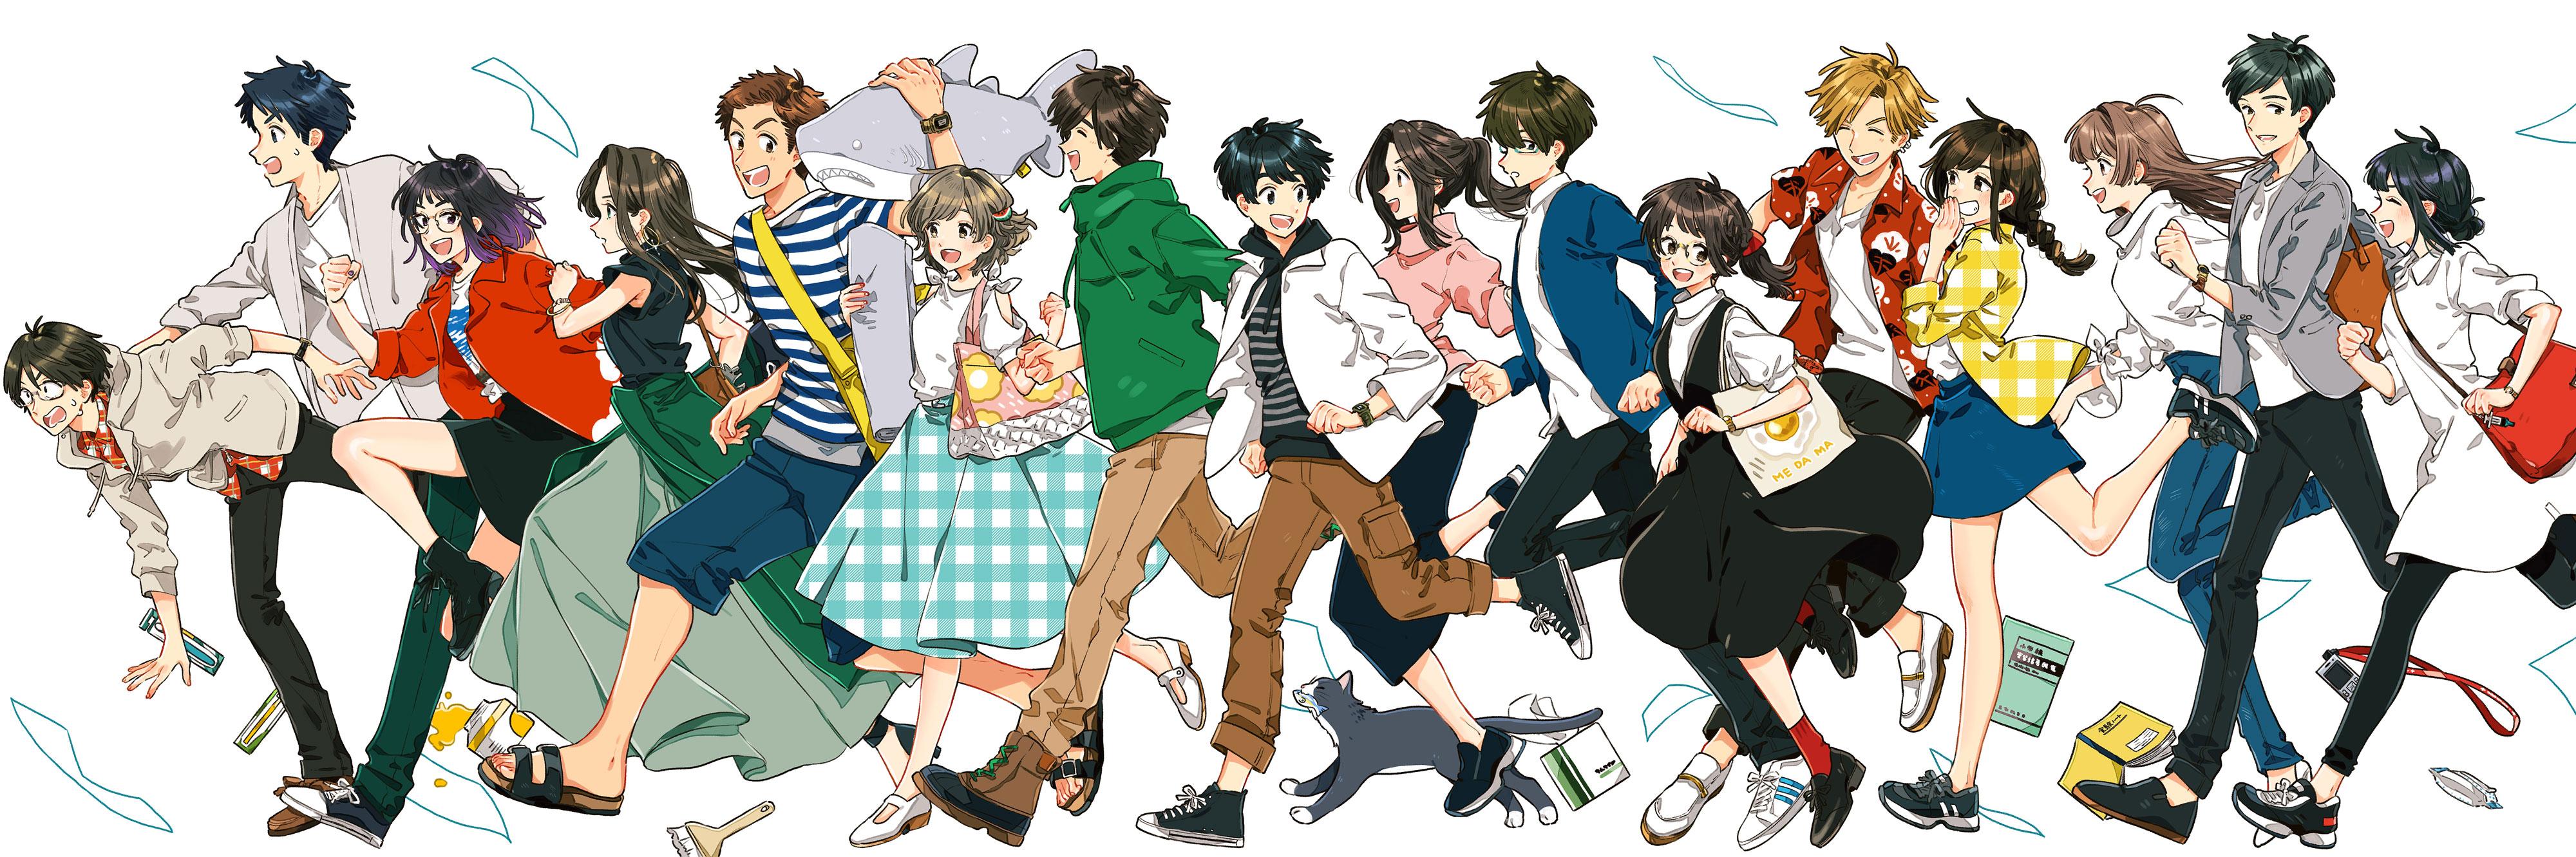 「16学部の個性豊かなキャラクターたち」画像